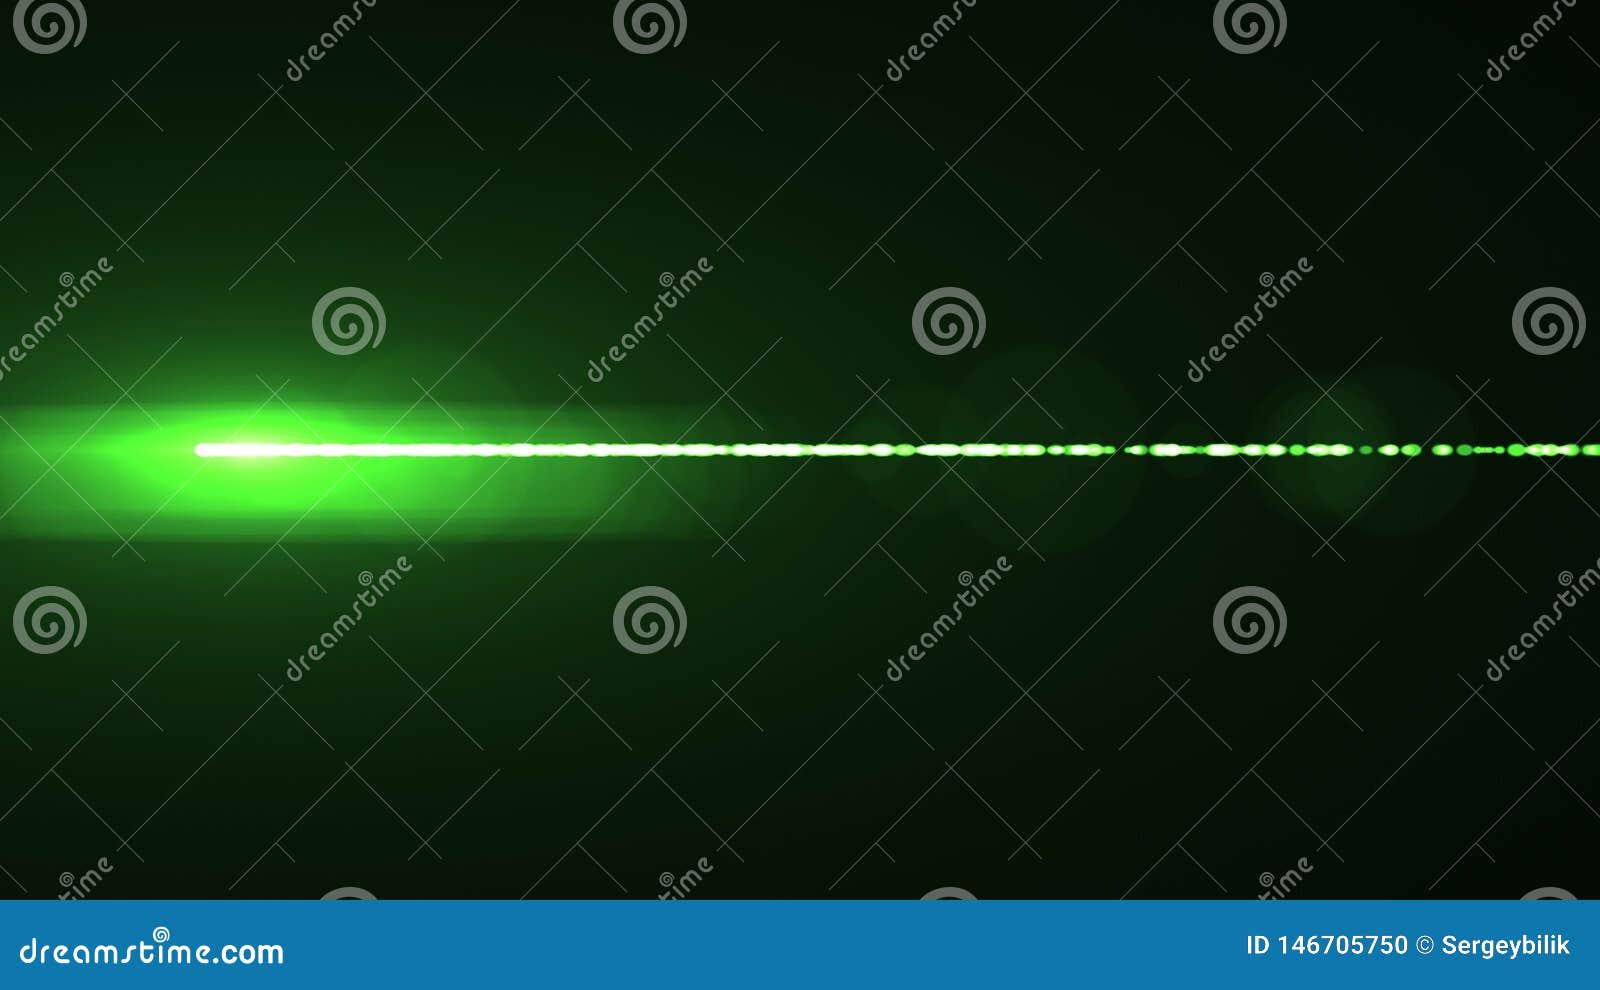 Лампа горизонтальной предпосылки искусства иллюстрации bokeh пирофакелов оптически объектива лазерных лучей сияющей новая качеств